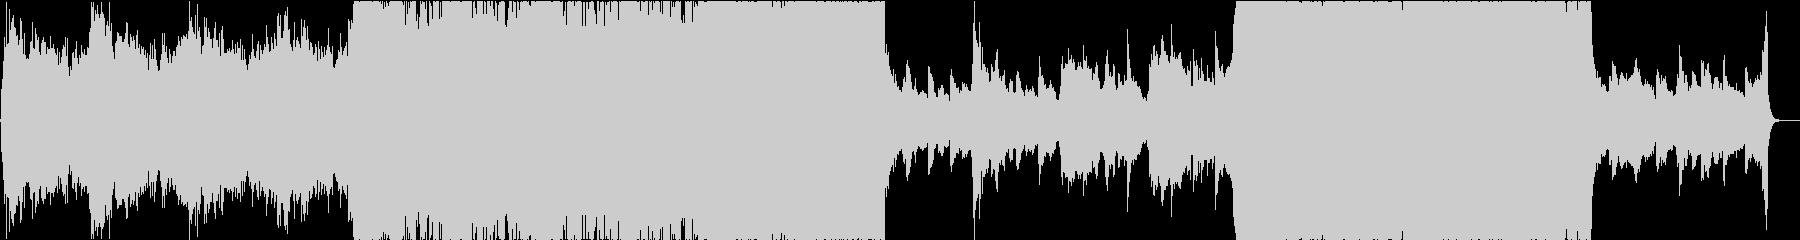 エレクトロポップ、シネマティックの未再生の波形